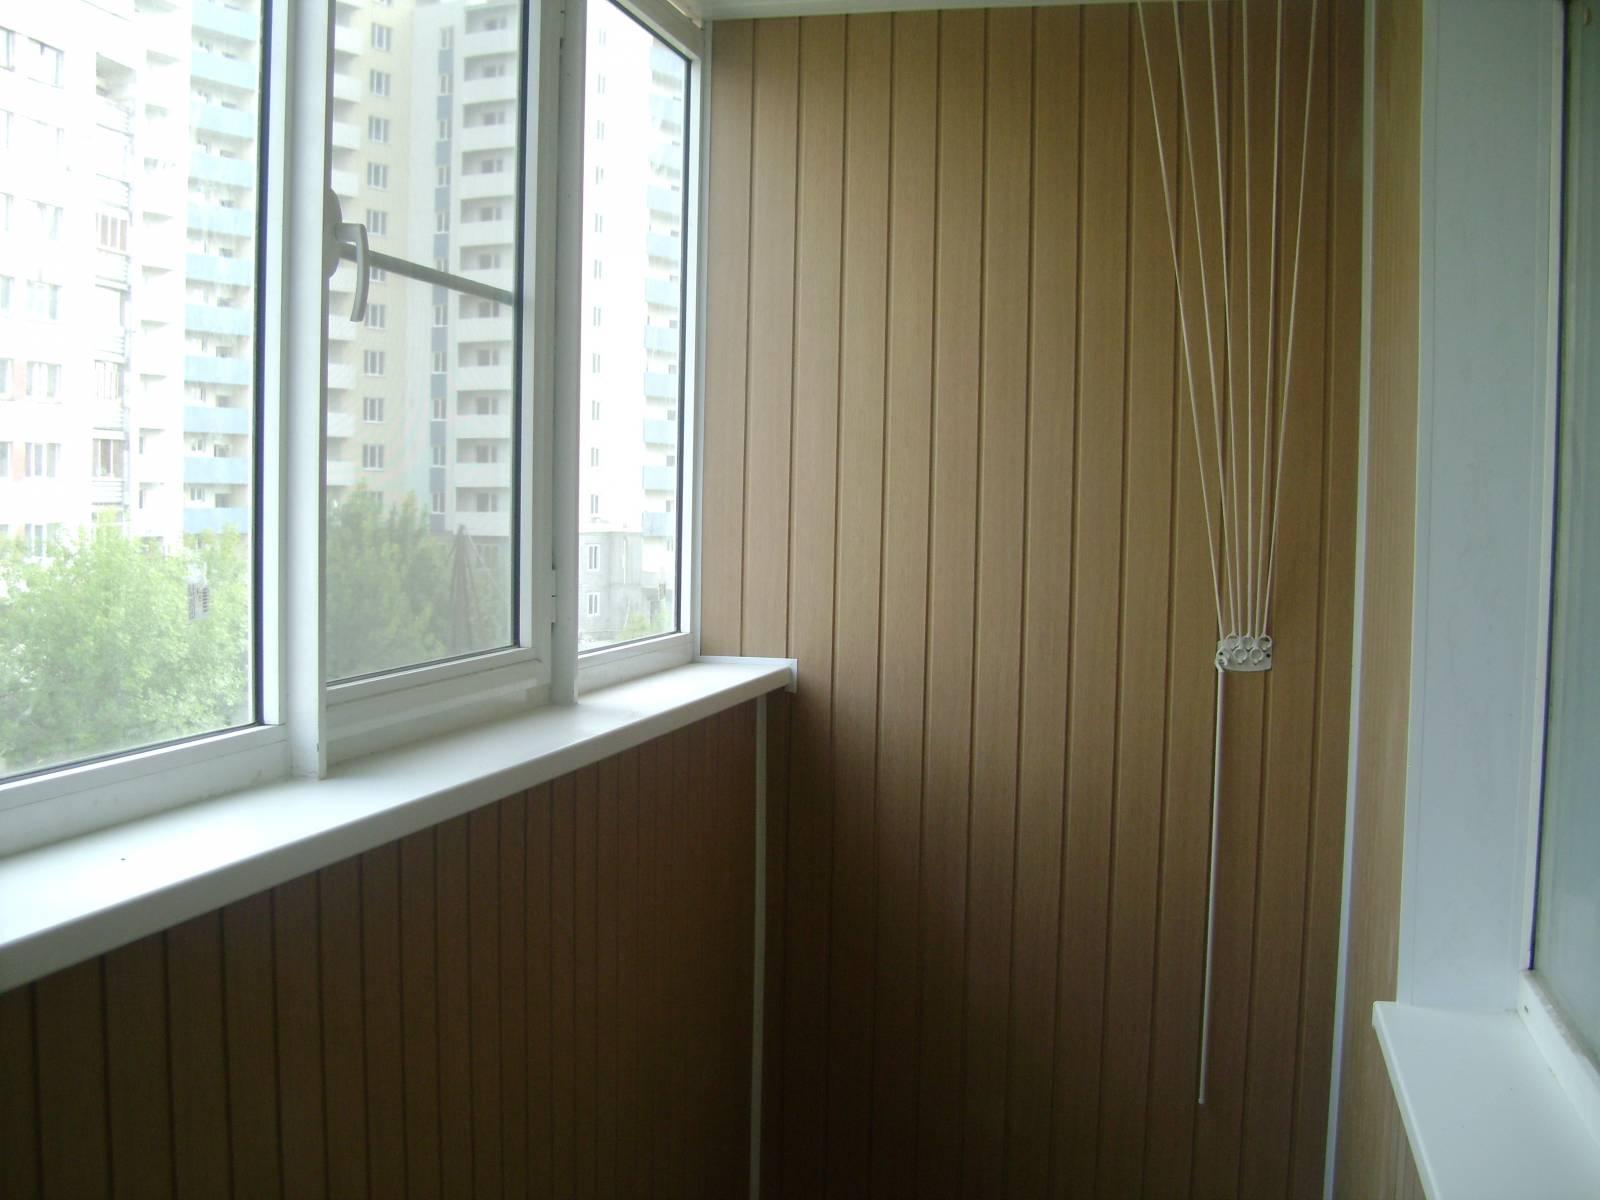 Ламинированные панели пвх для балкона видео..